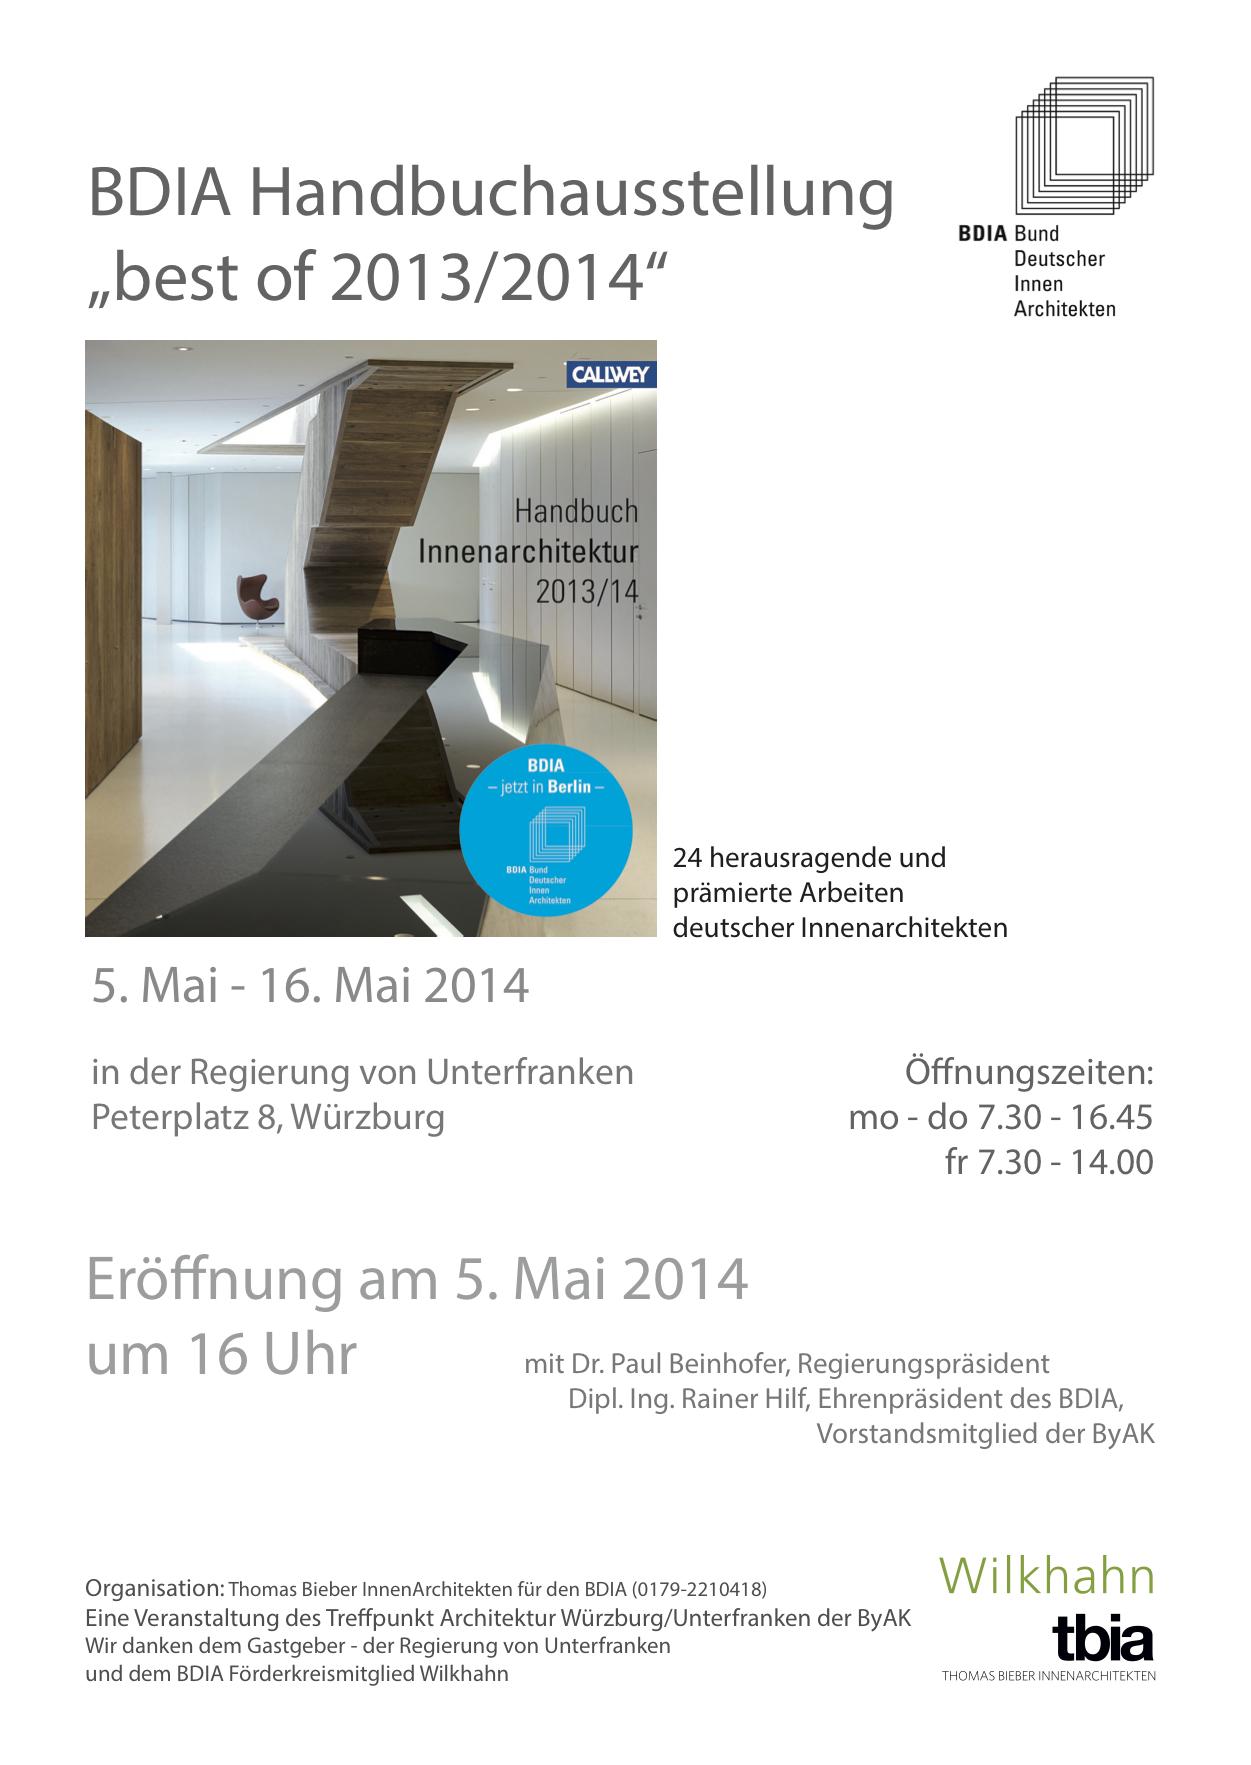 Bund Deutscher Innenarchitekten handbuchausstellung einladung 2014 05 05 bund deutscher